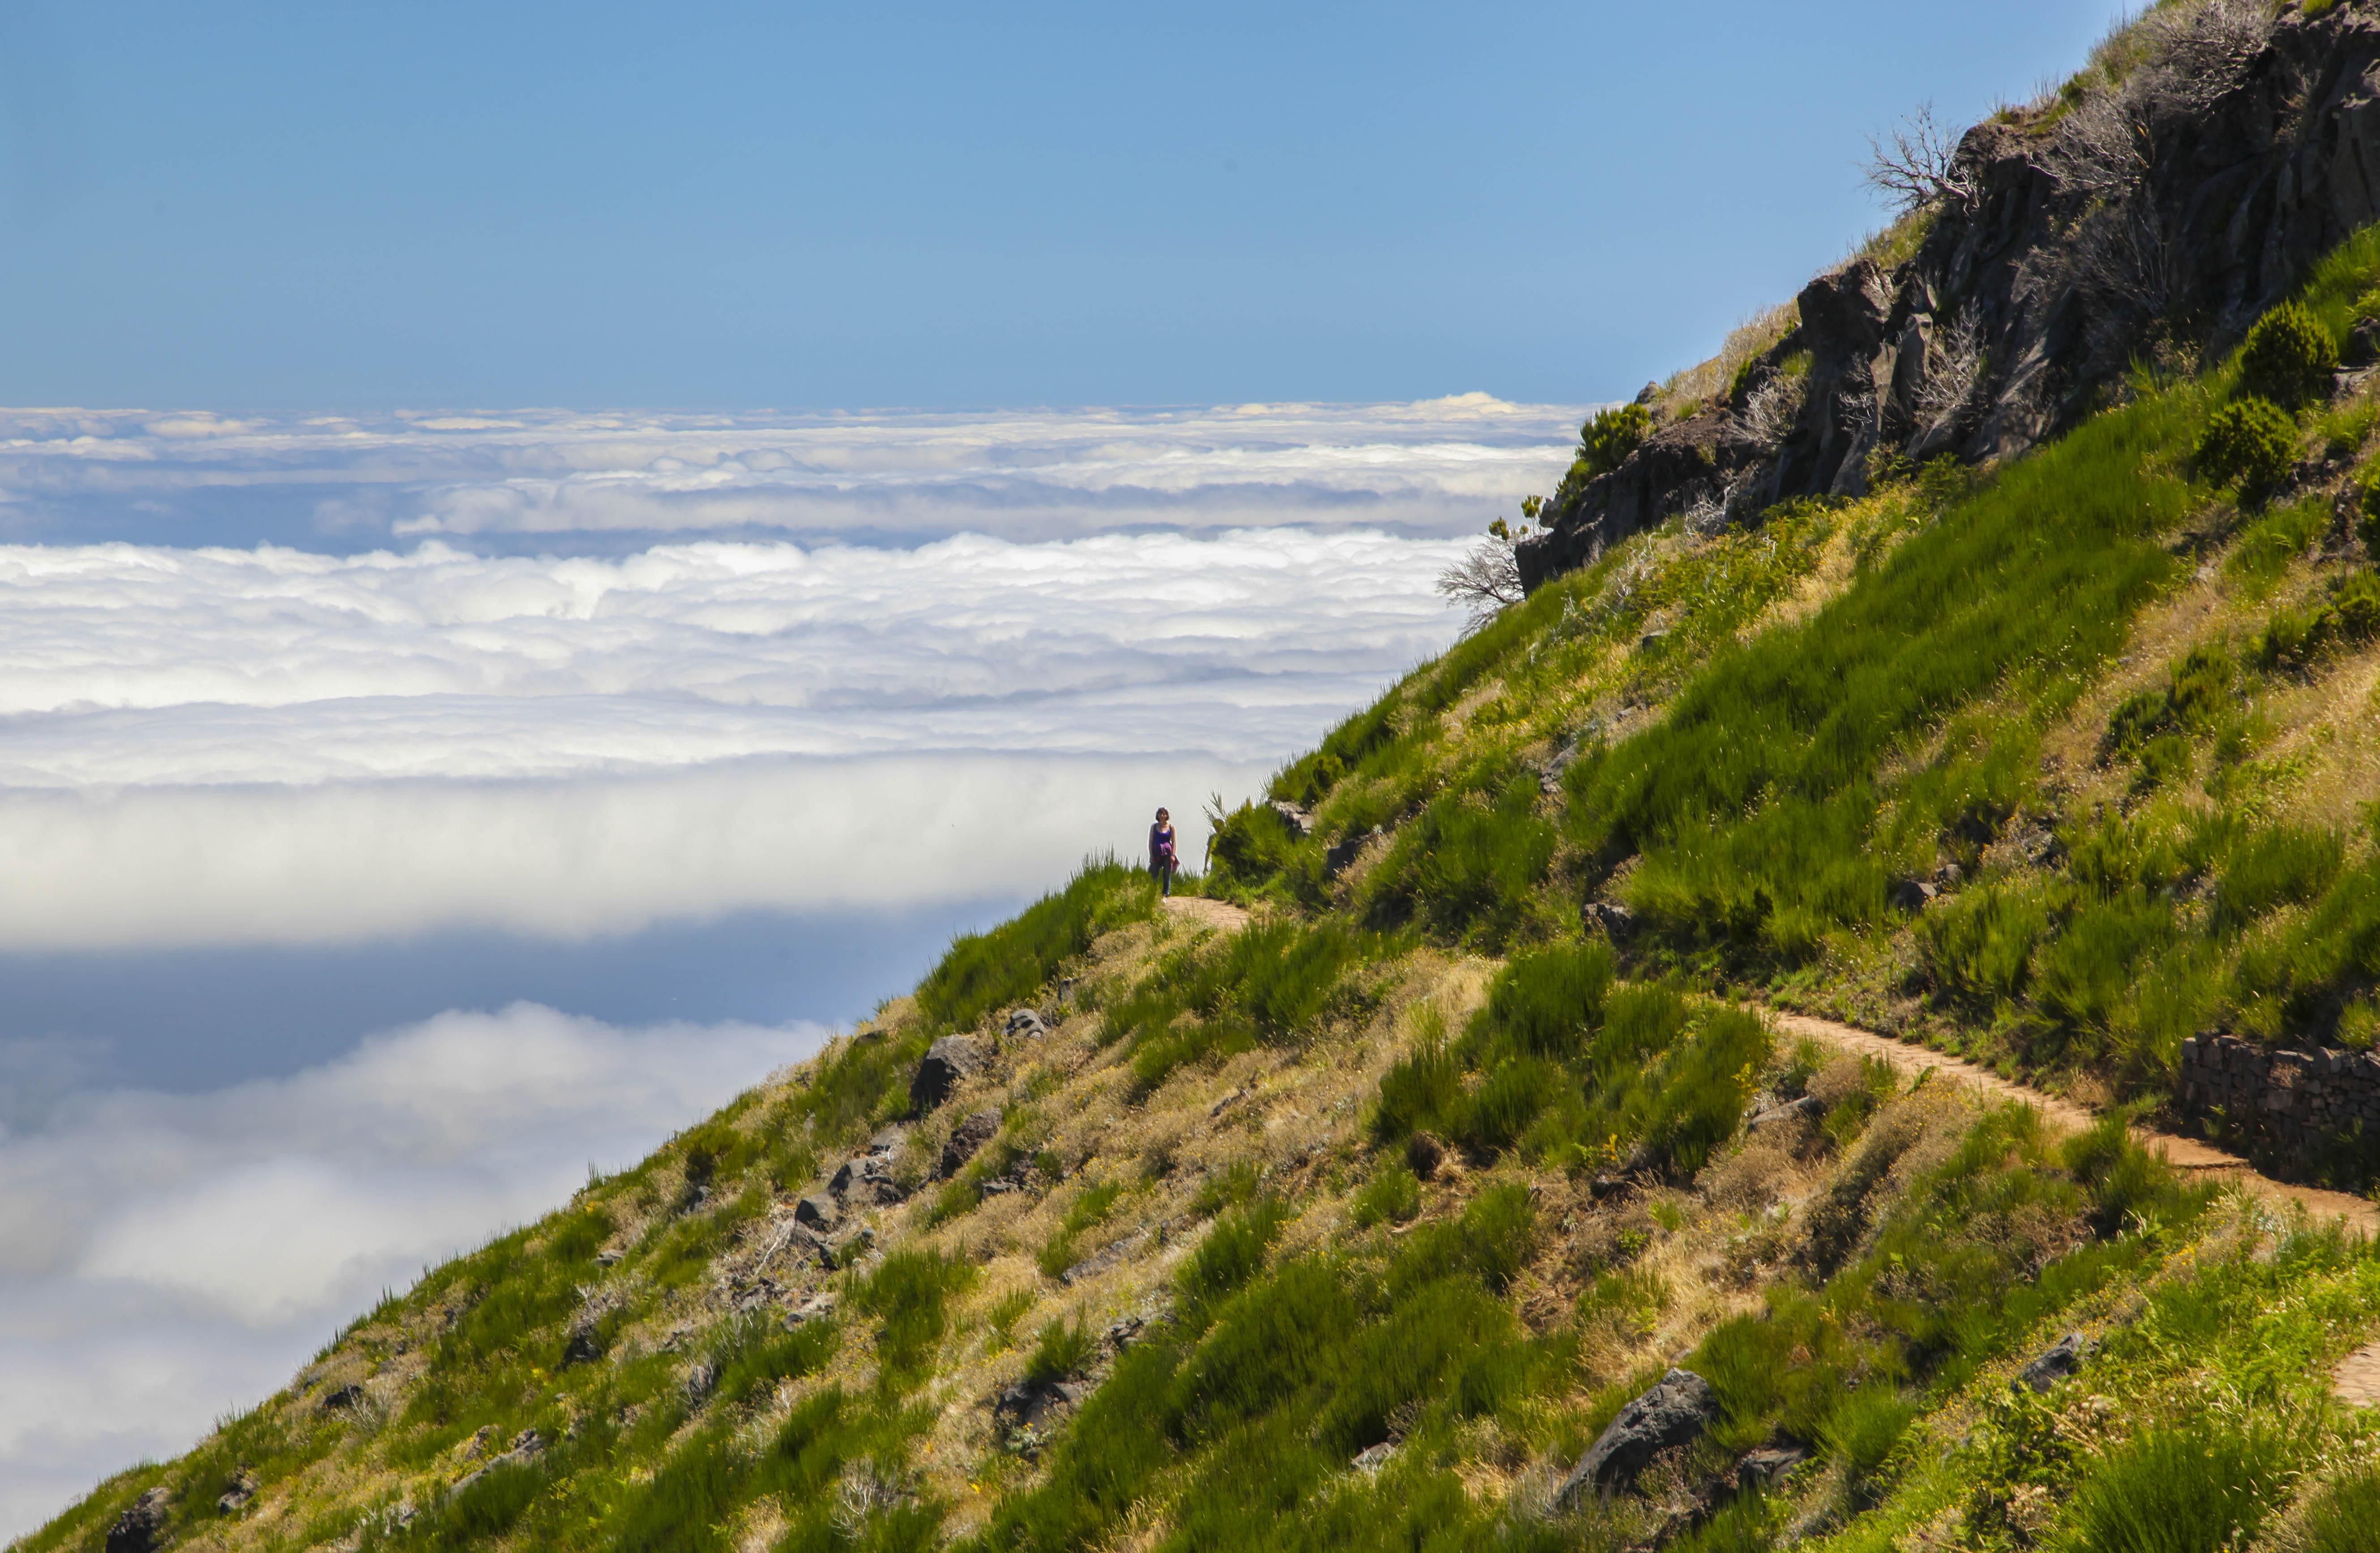 Madera i wejście na najwyższy szczyt Madery - PICO RUIVO. Przepiękny szlak w morzu mgieł